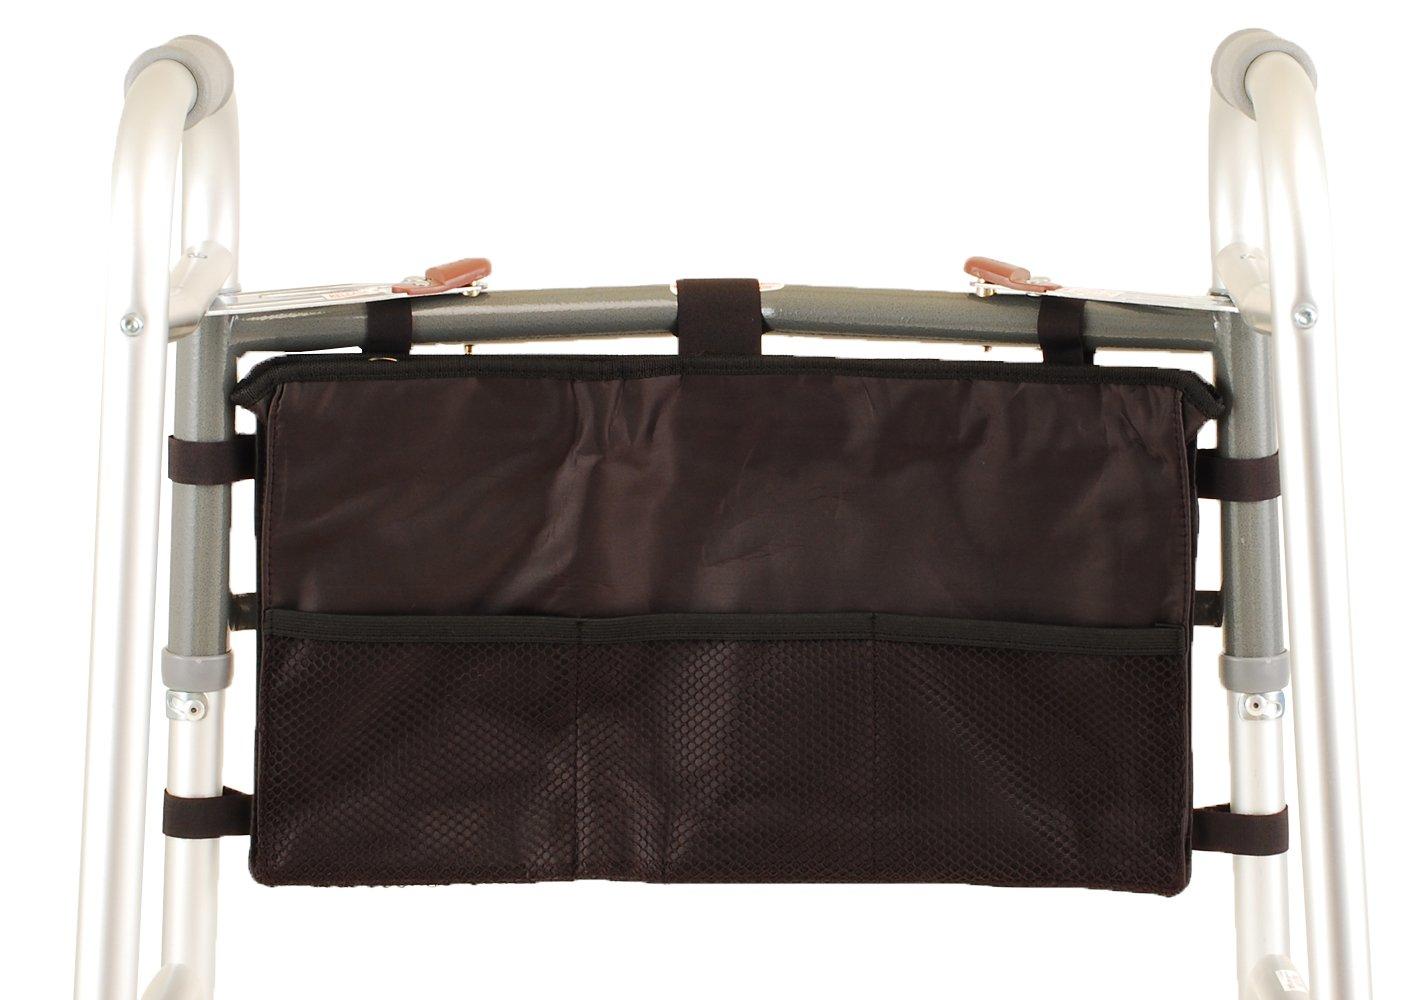 NOVA Medical Products Folding Walker Bag, Black